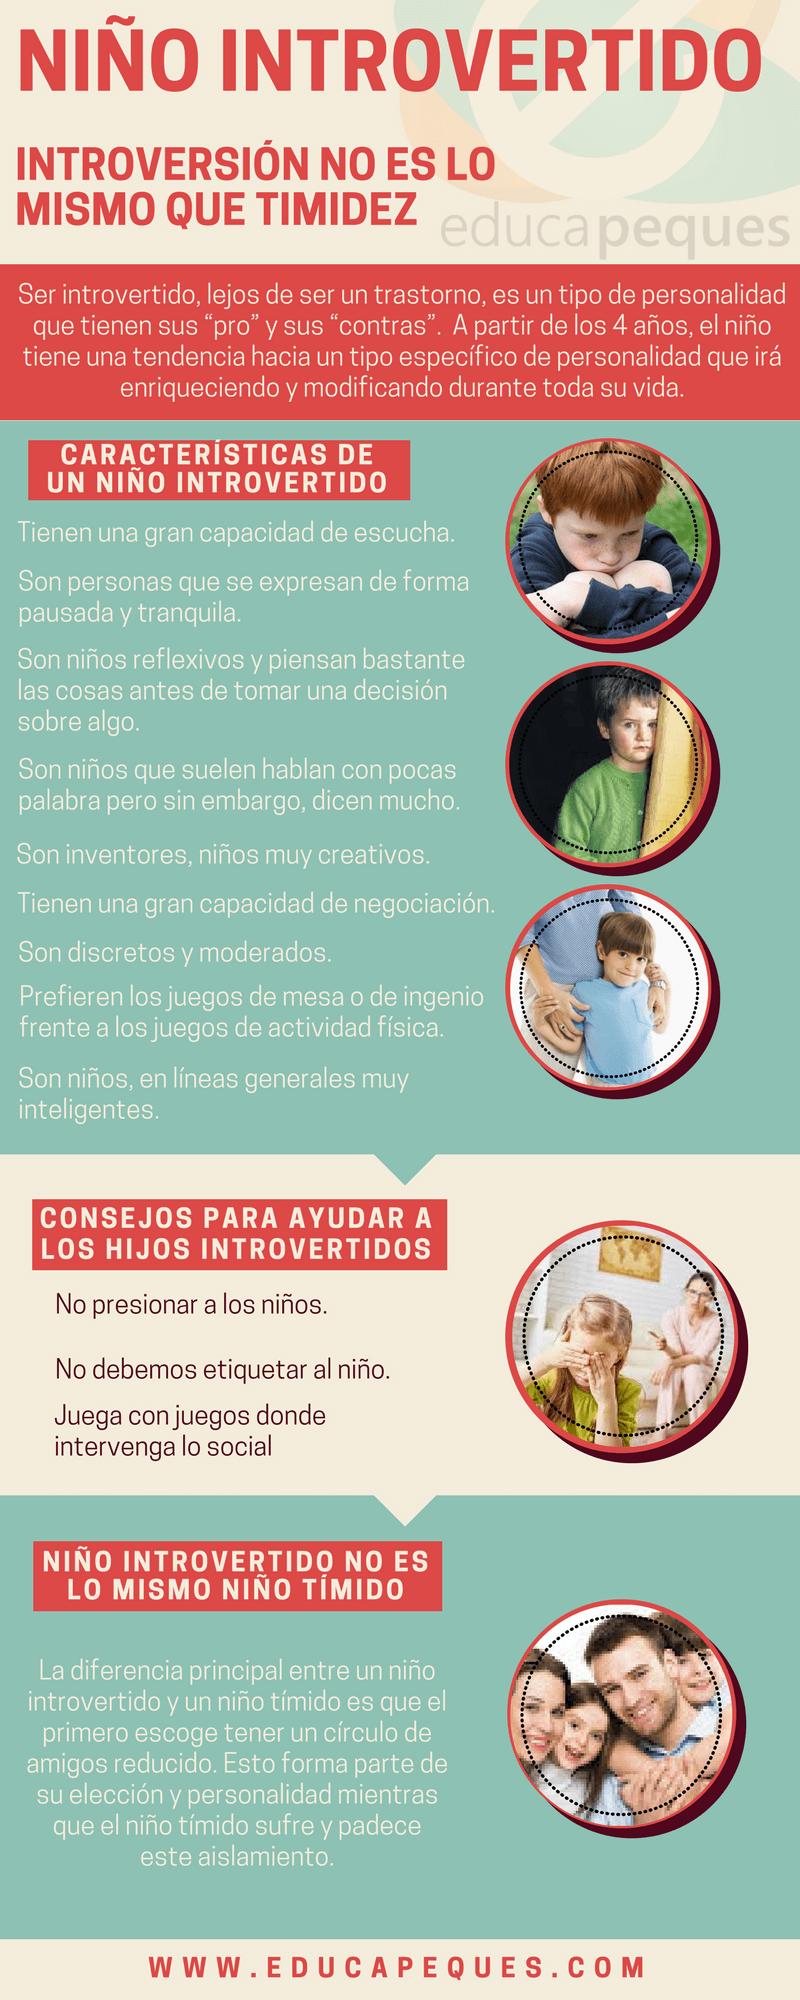 infografía niño introvertido